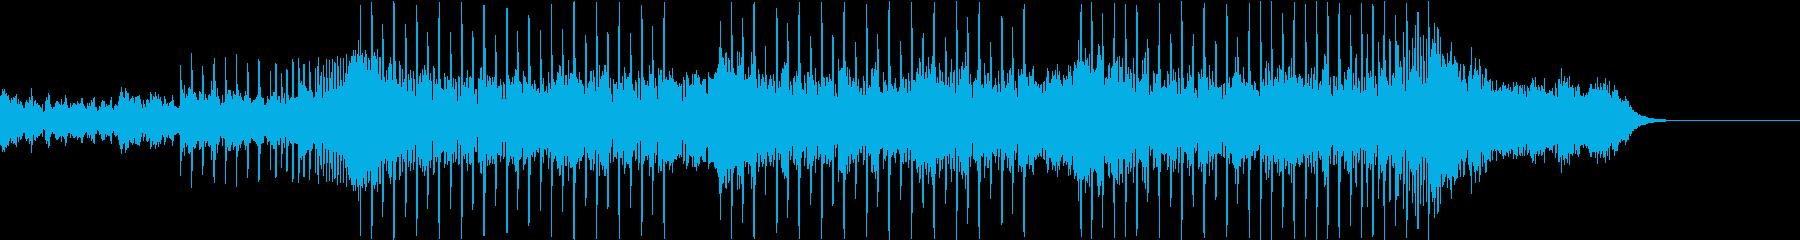 勢い系OPの再生済みの波形